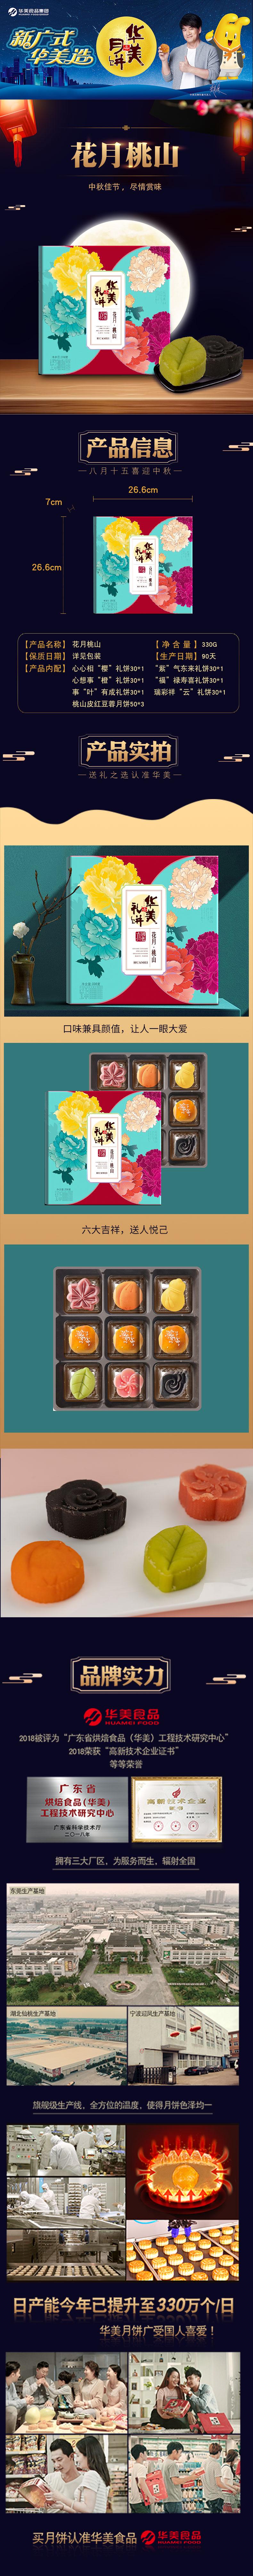 华美月饼 花月桃山330g月饼礼盒。郑州华美月饼厂家批发